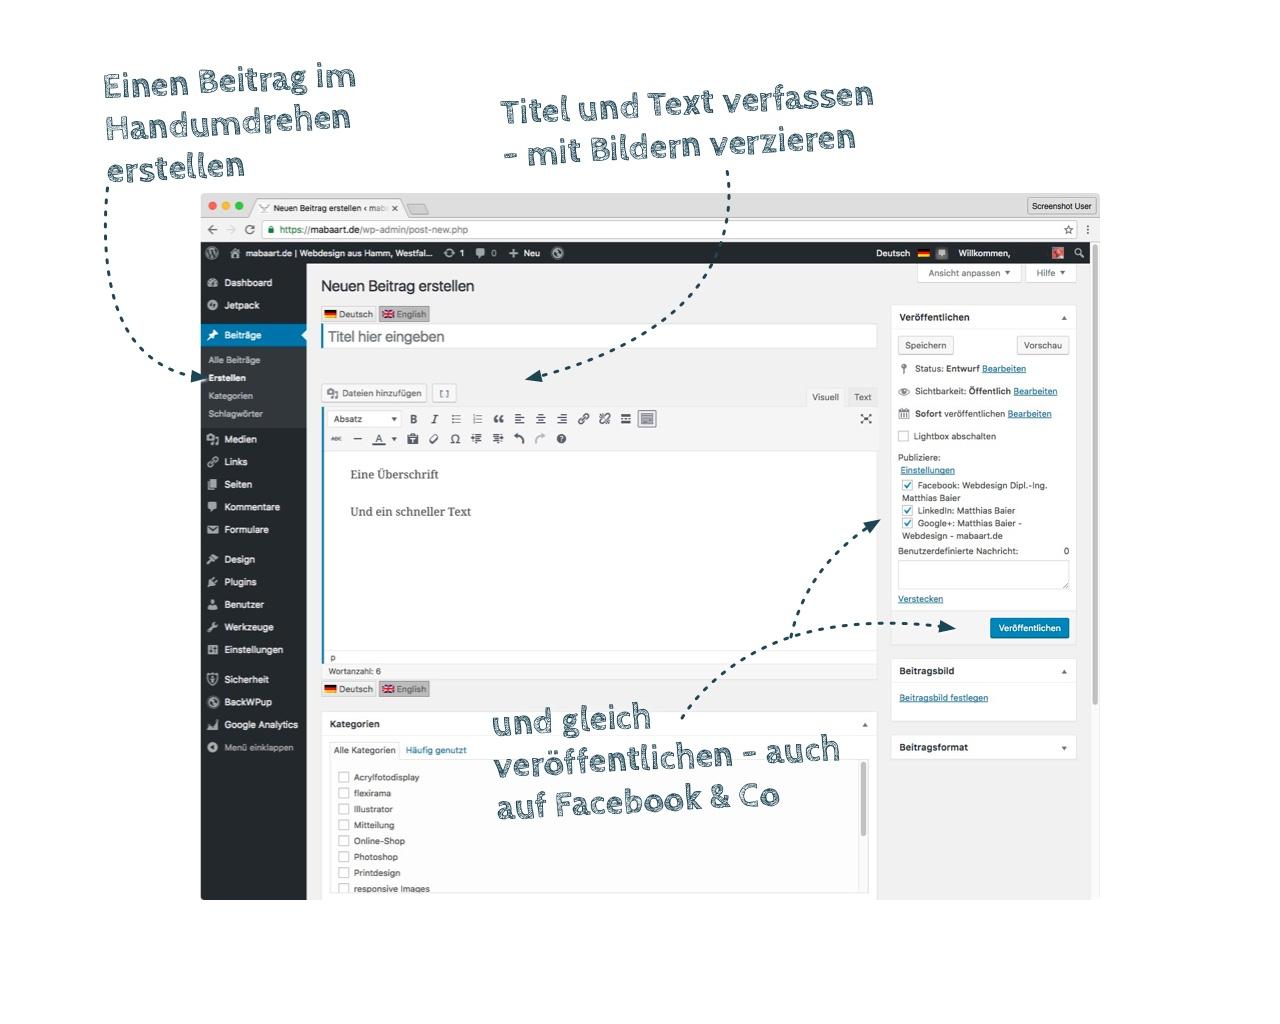 Bildschirmfoto der Eingabemaske eines WordPress Post